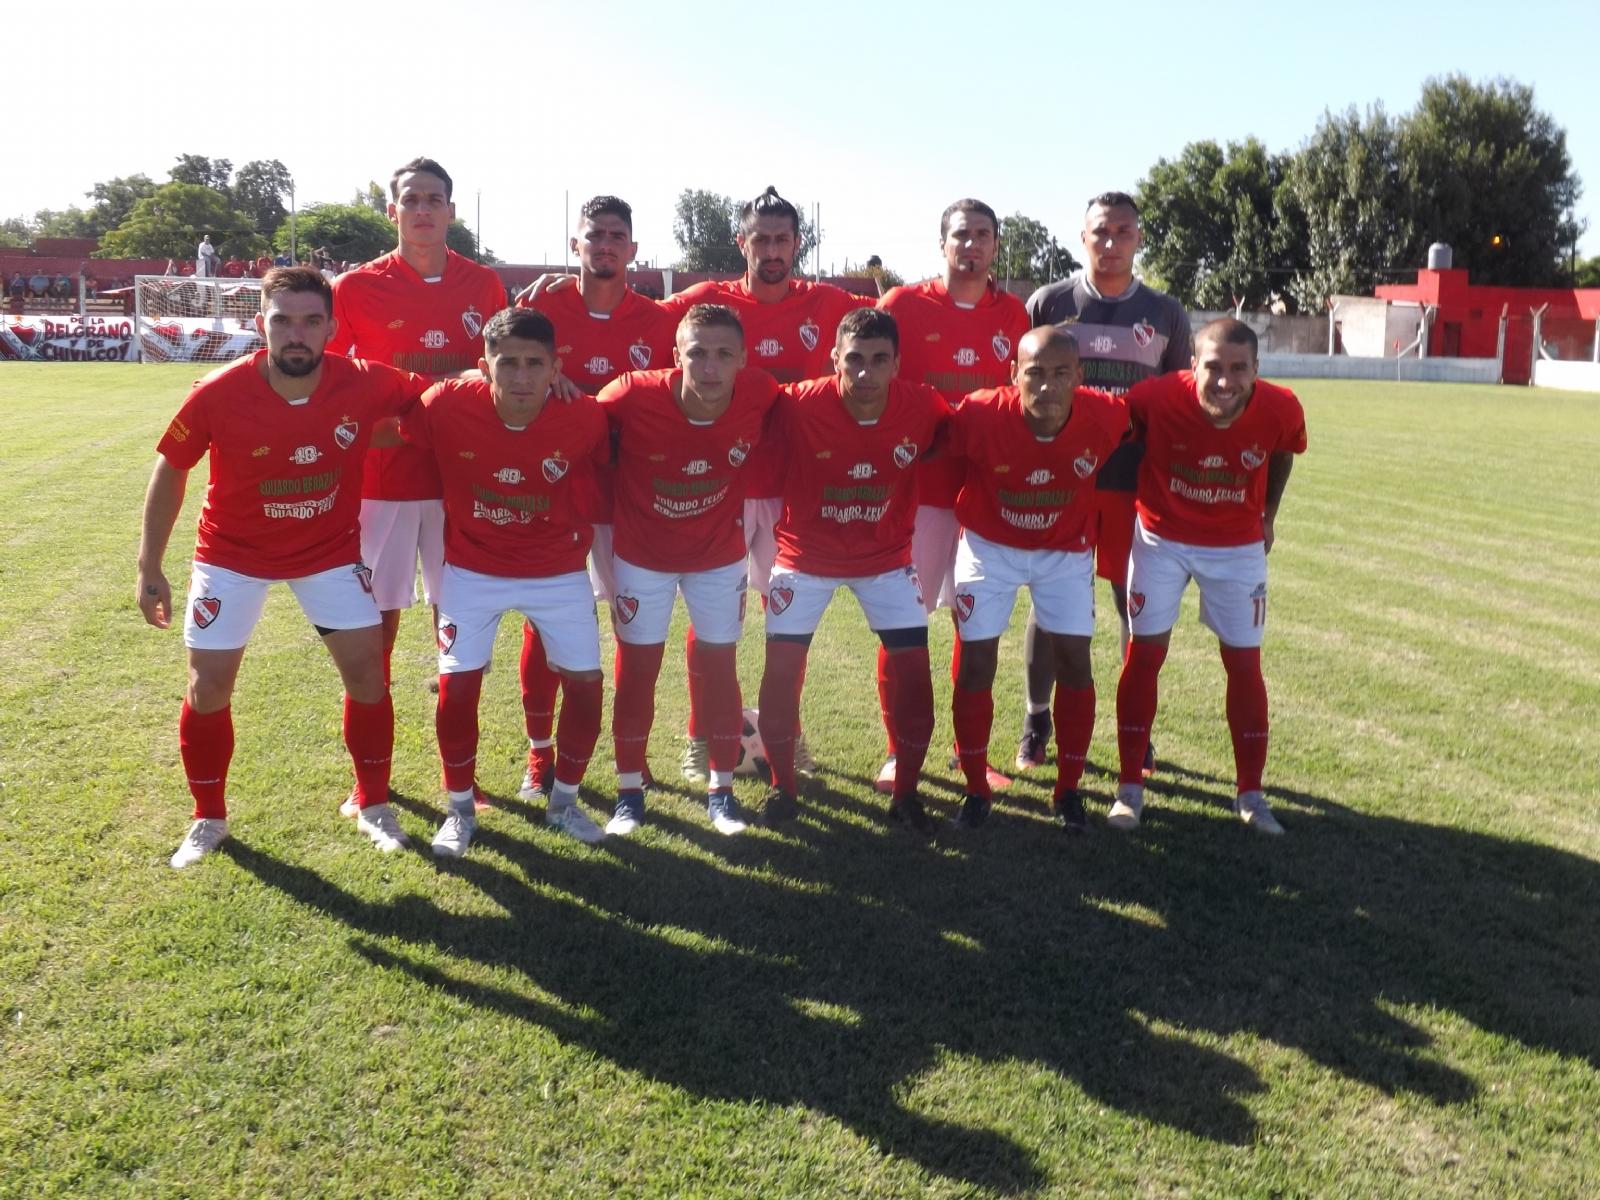 Independiente juega hoy en Adolfo Sordeaux por la tercera fecha del Torneo  Regional Amateur